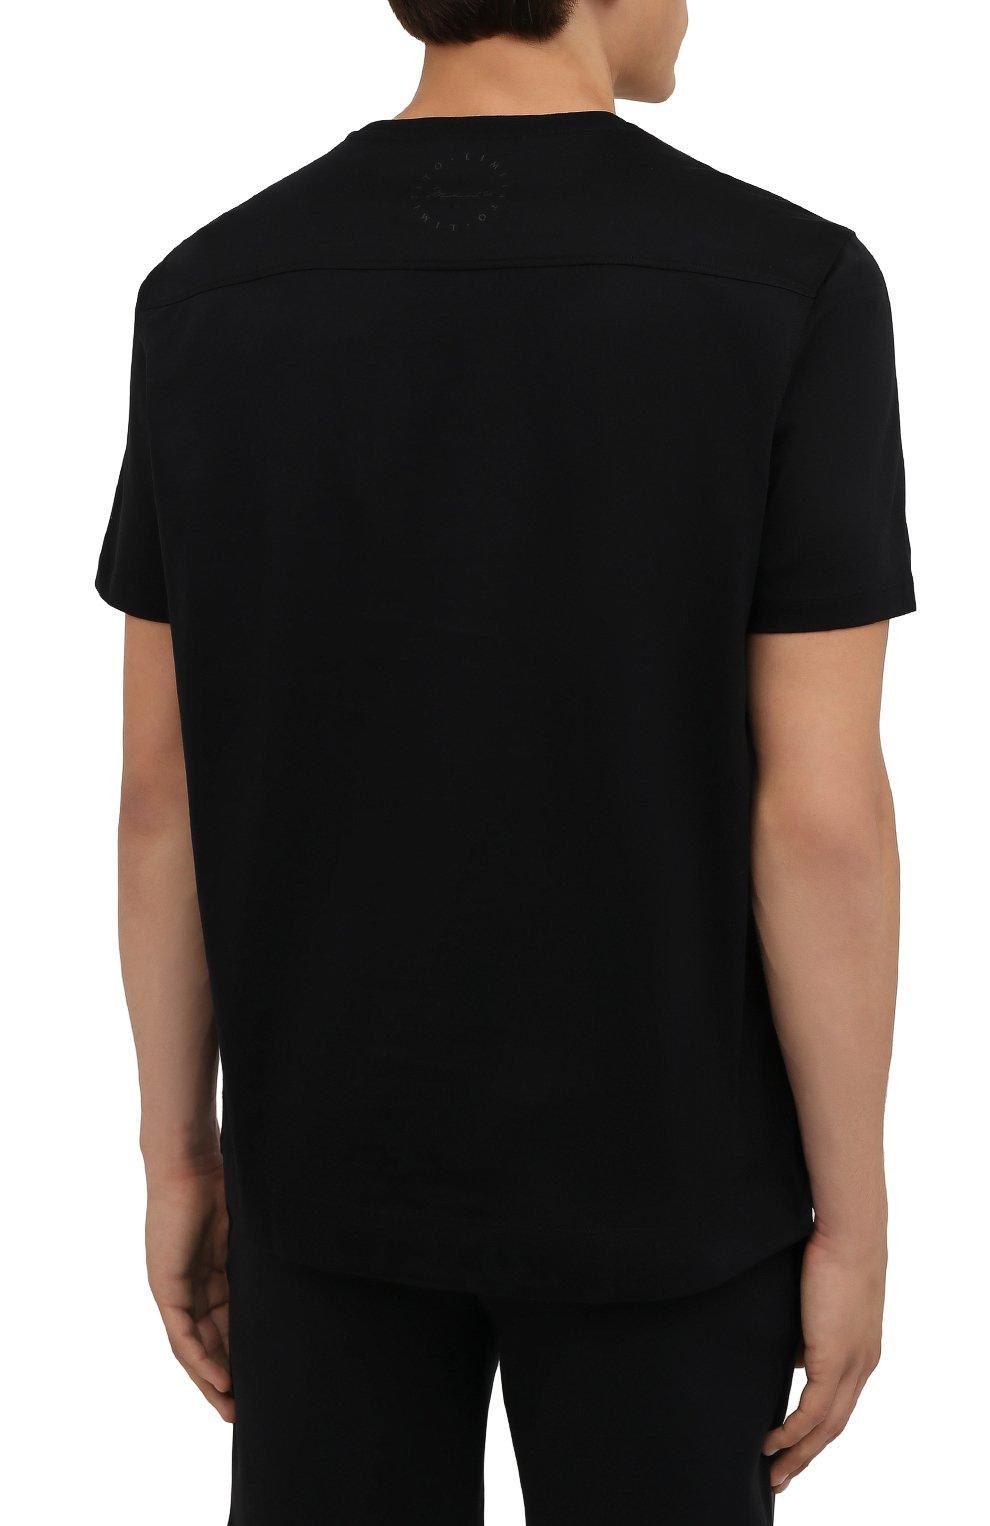 Мужская хлопковая футболка LIMITATO черного цвета, арт. HIT/T-SHIRT | Фото 4 (Рукава: Короткие; Длина (для топов): Стандартные; Стили: Гранж; Принт: С принтом; Материал внешний: Хлопок)